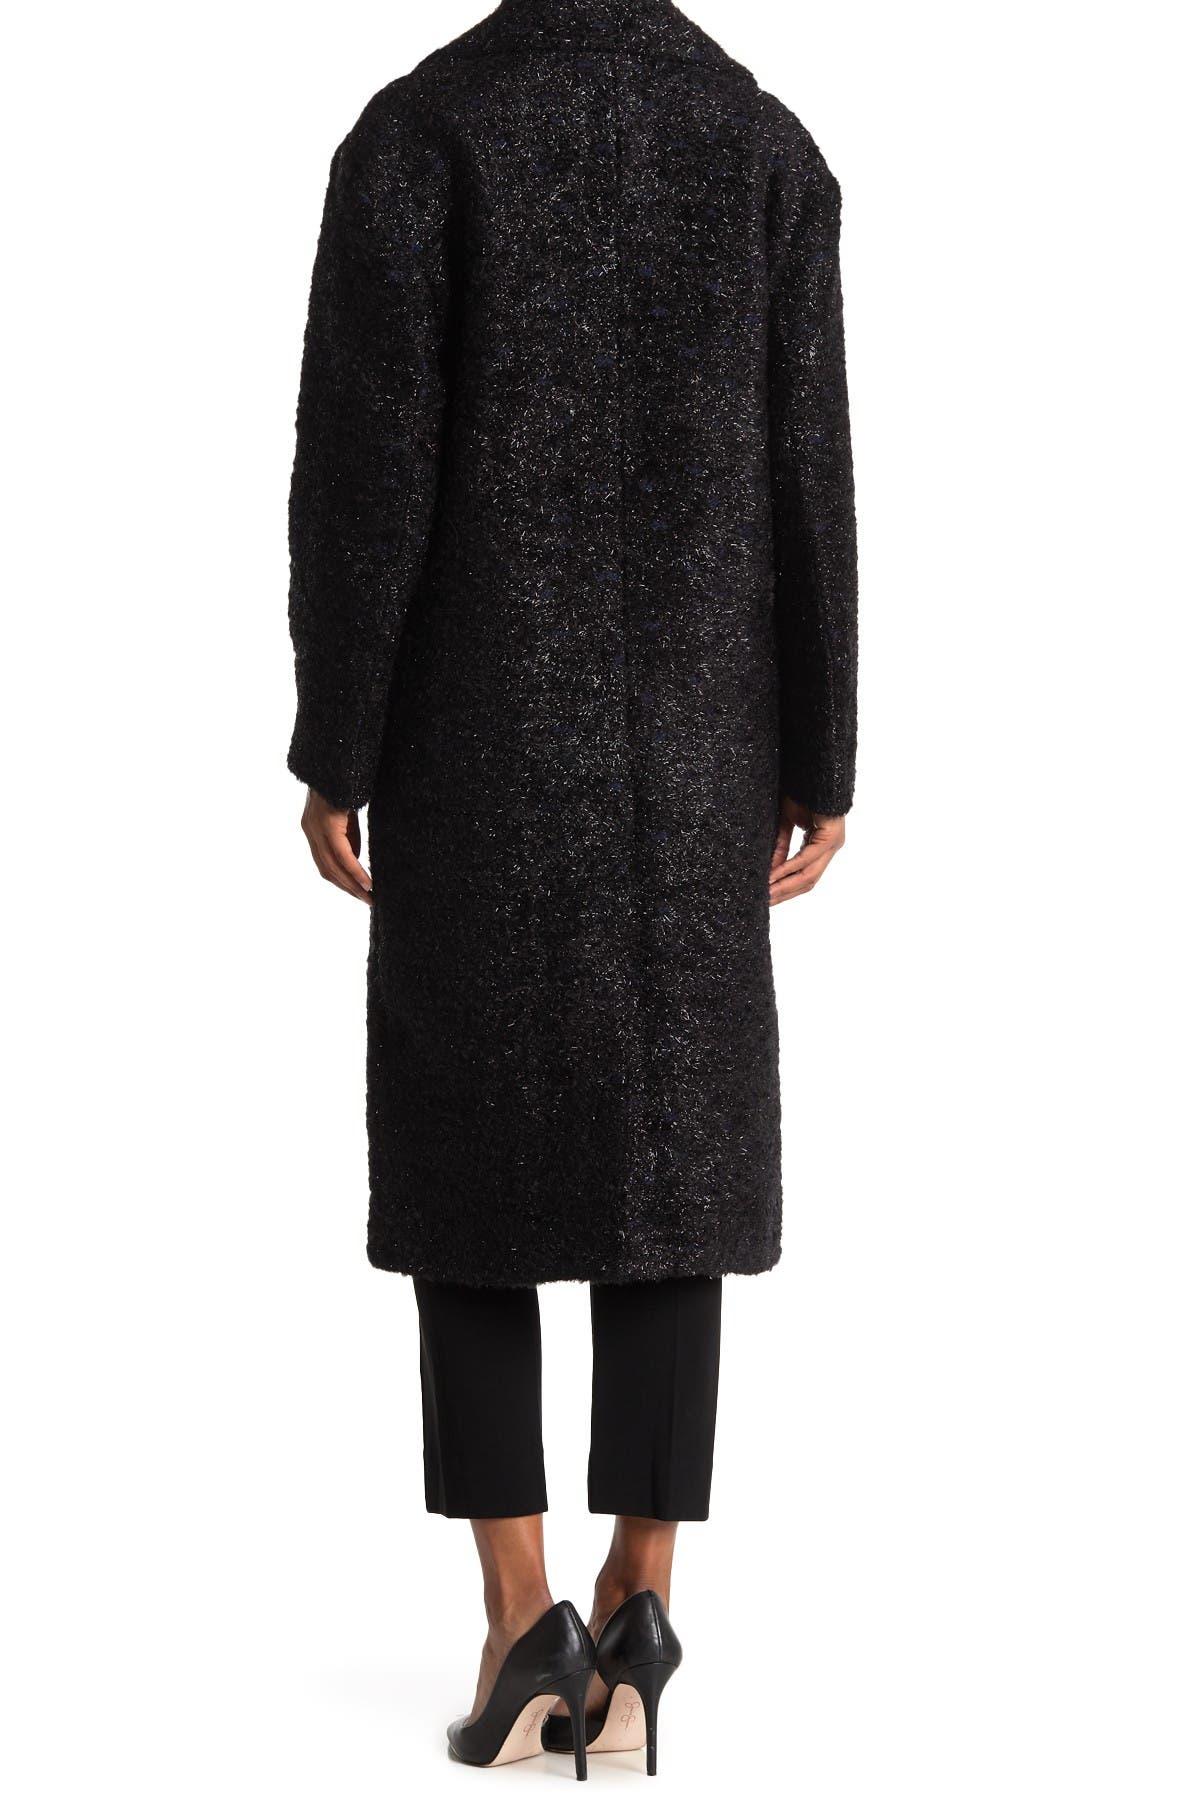 Image of Diane von Furstenberg Ariana Wool Blend Coat